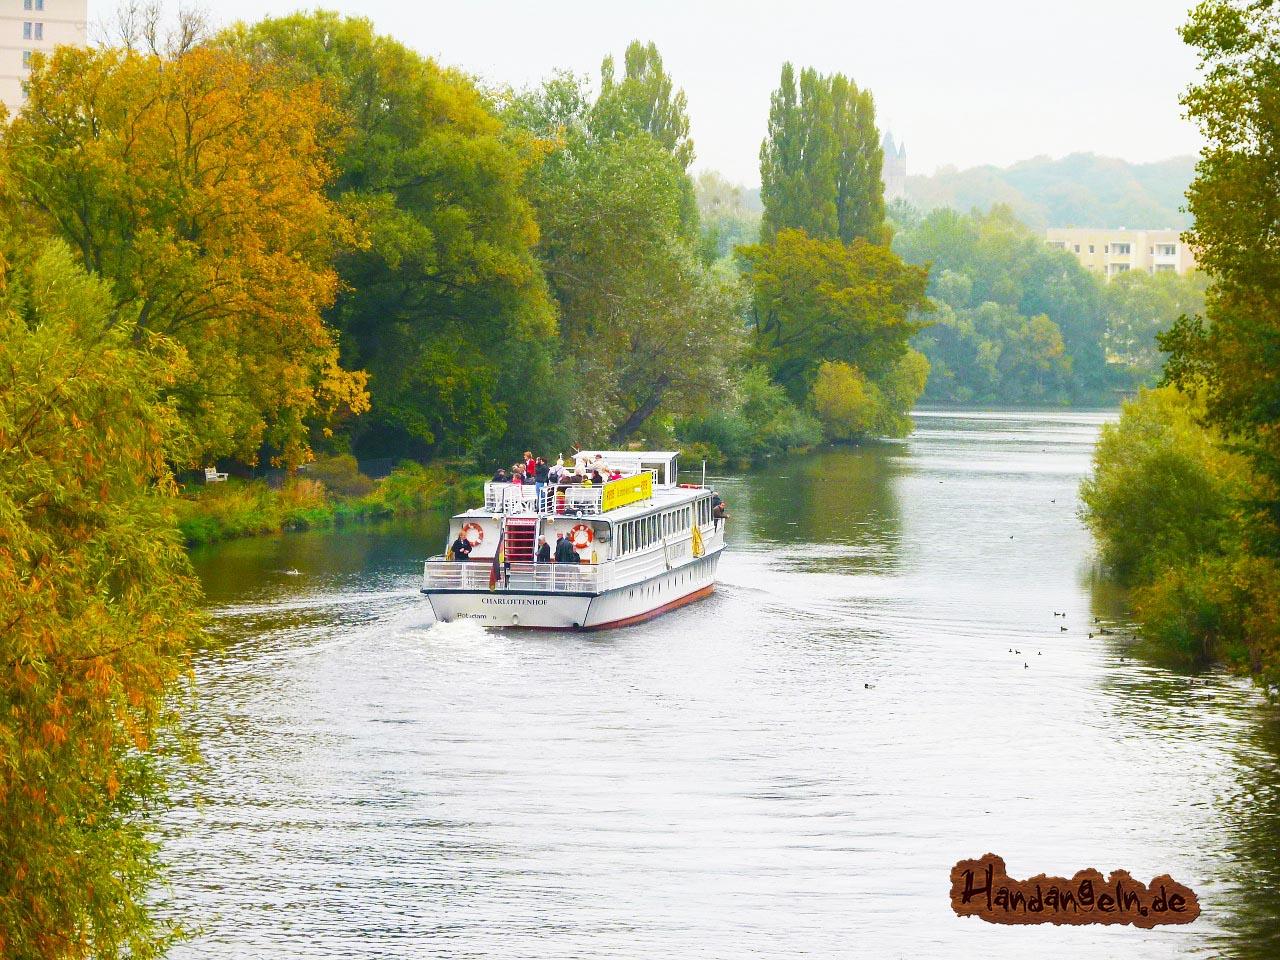 Hechtangeln am Fluss Fahrrinnen der Schifffahrt Hecht